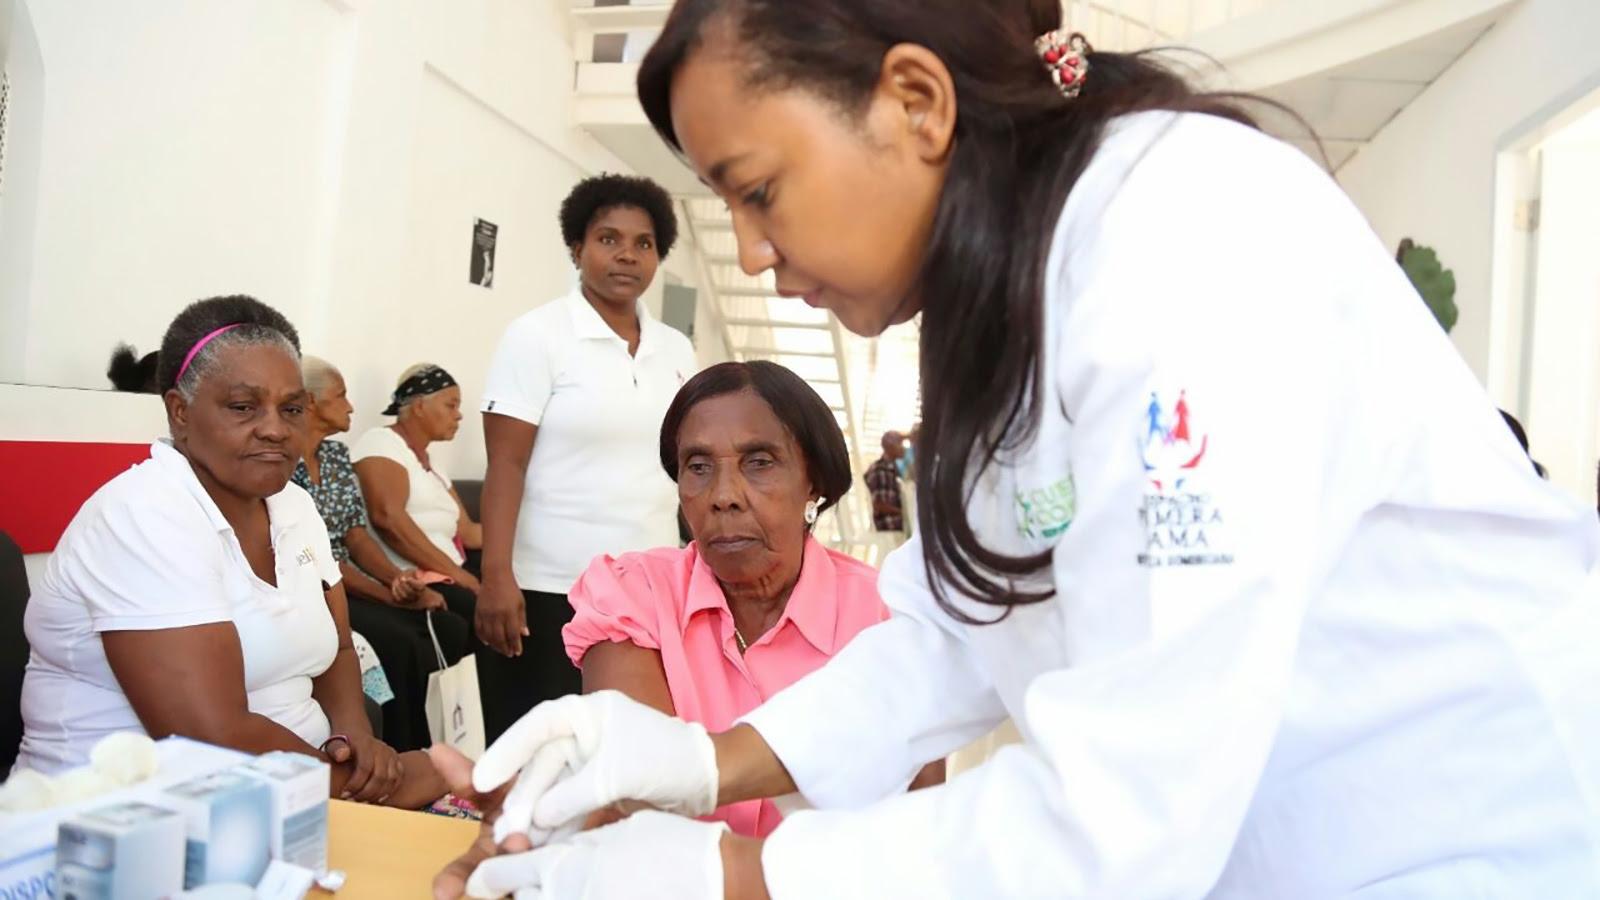 Envejecientes de La Ciénaga, Los Guandules y El Dique reciben atenciones médicas